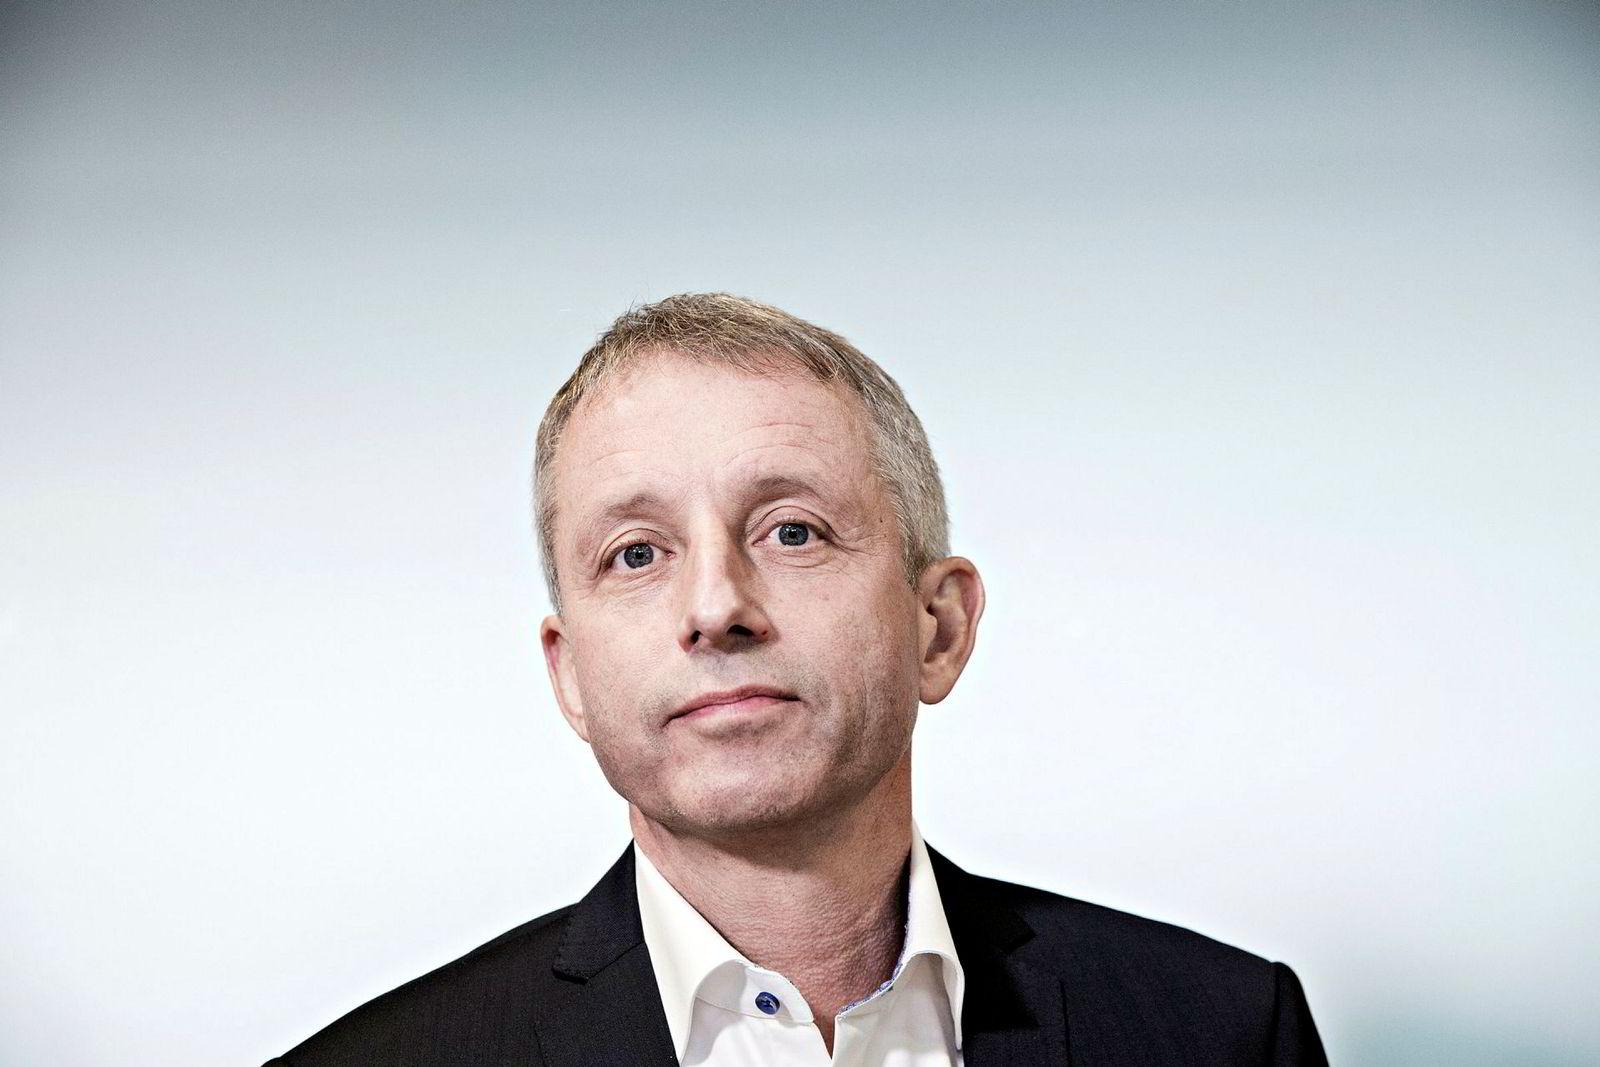 Jo Lunder tror det kan være mulig å reetablere seg i det norske næringslivet, men mener det er langt vanskeligere internasjonalt.